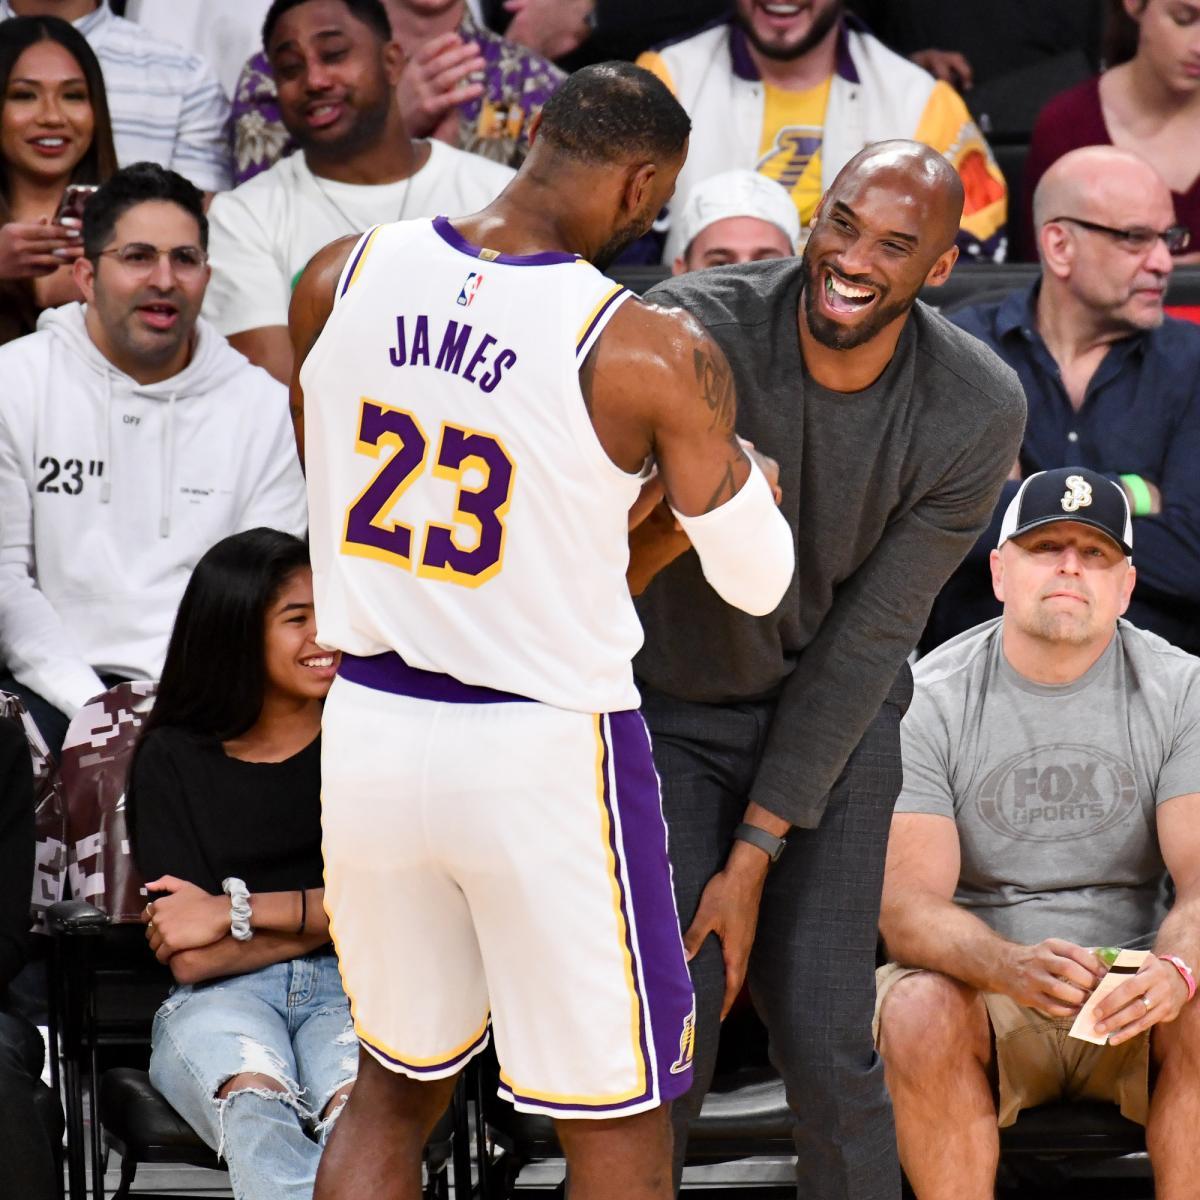 詹姆斯談即將超越Kobe:他給了我很多動力,但我和他風格完全不同!-籃球圈